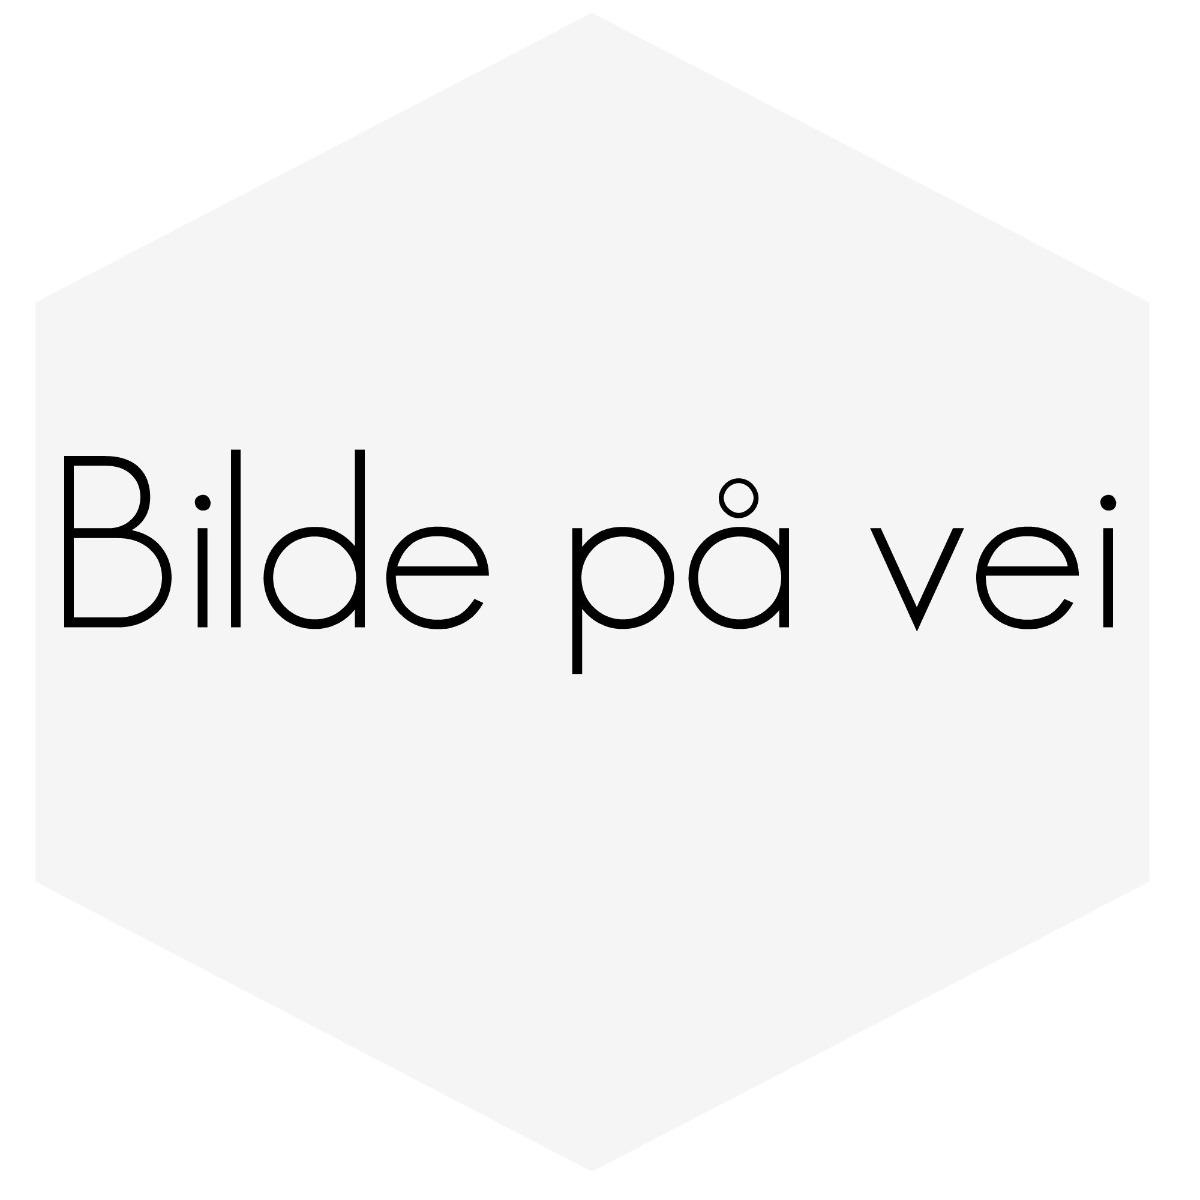 DEKK VINTER PIGG 215/15-17 VREDESTEIN WINTRAC ICE TILBUDSPRI